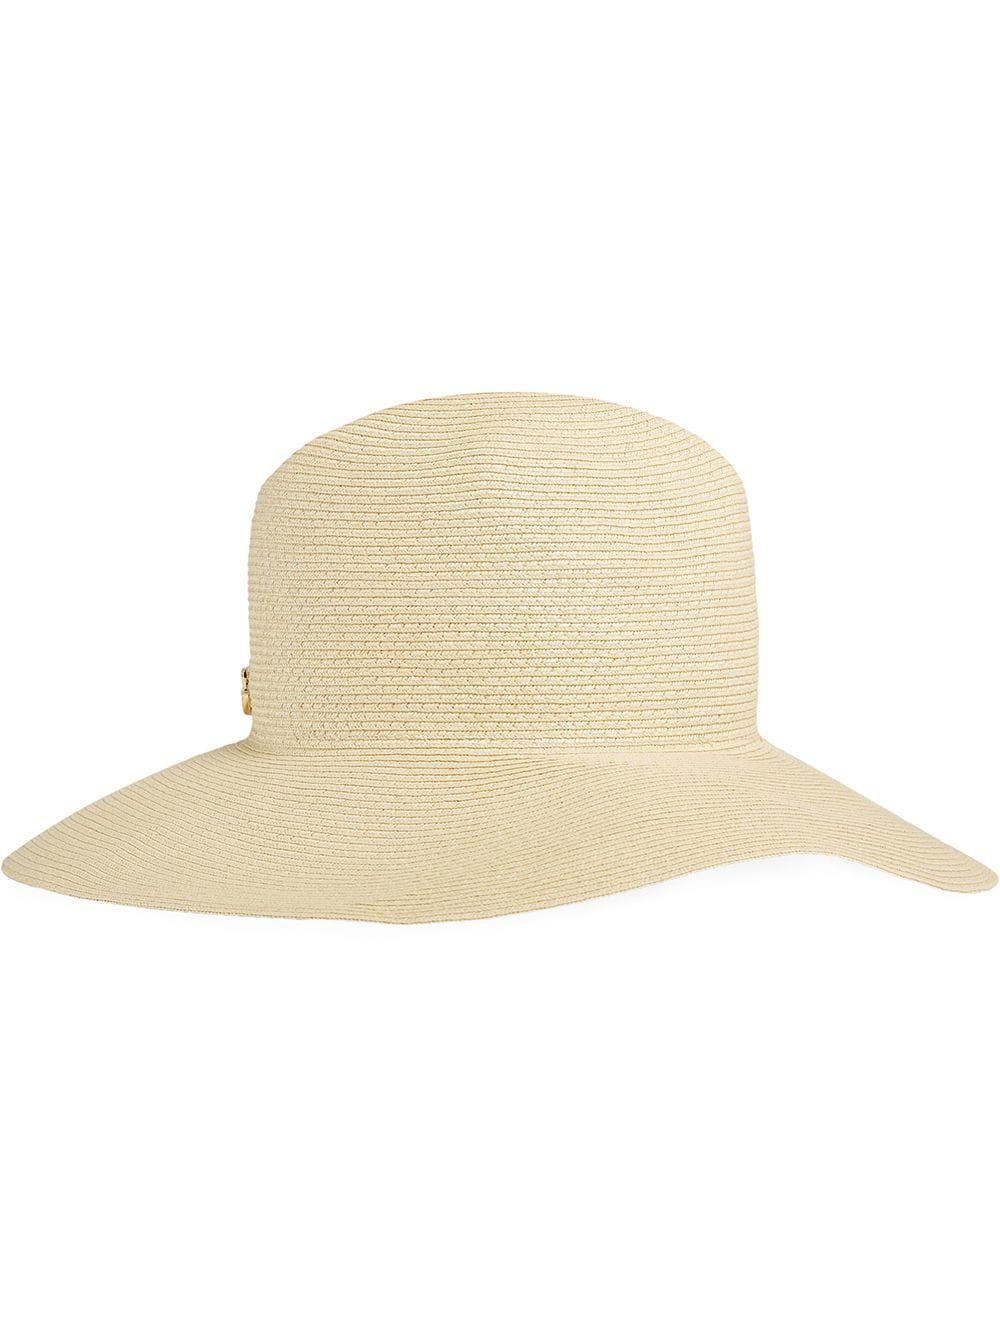 c274dd395481f Gucci Papier Wide Brim Hat In Neutrals